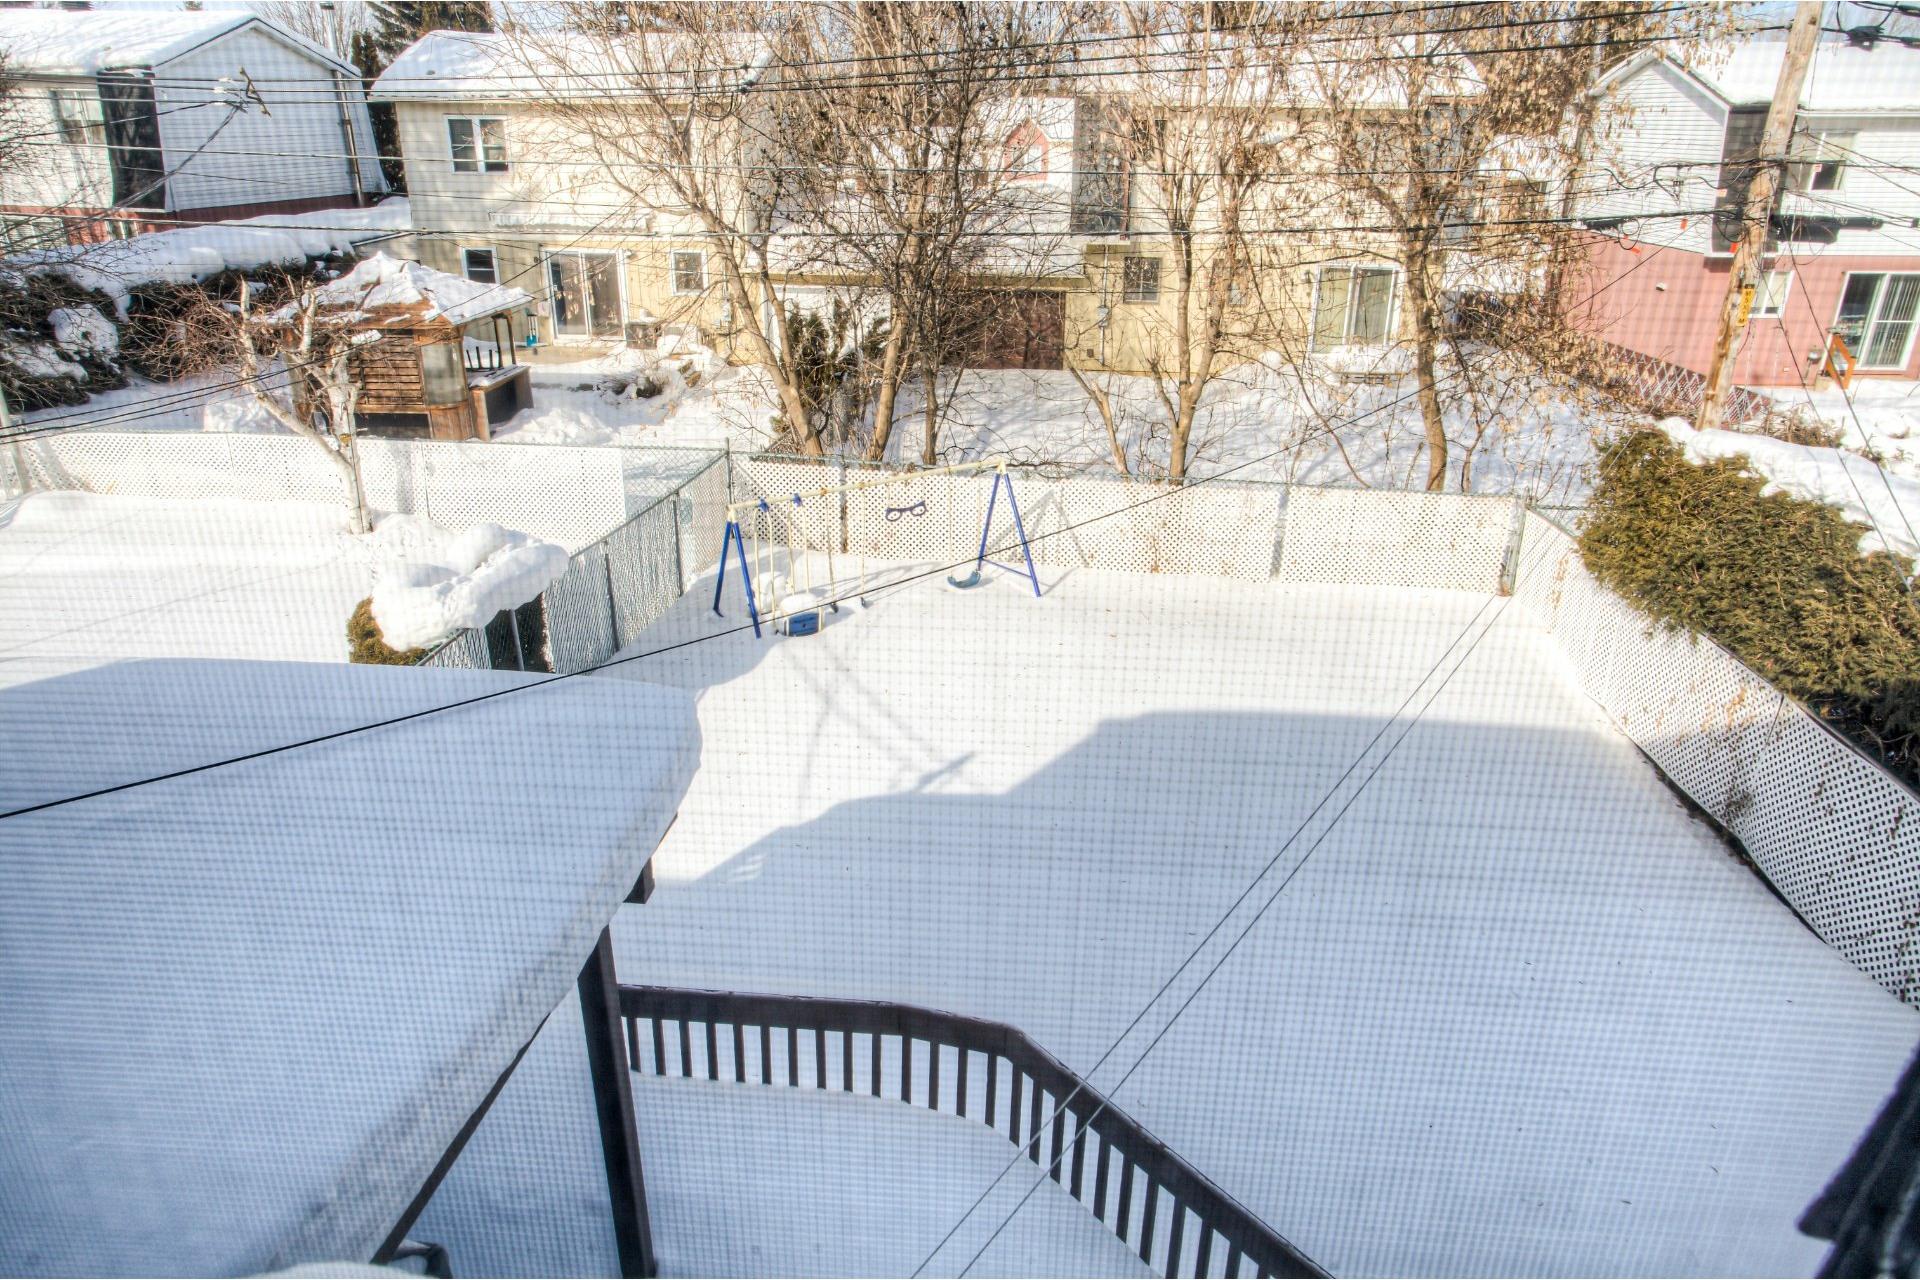 image 24 - Maison À louer Pierrefonds-Roxboro Montréal  - 9 pièces